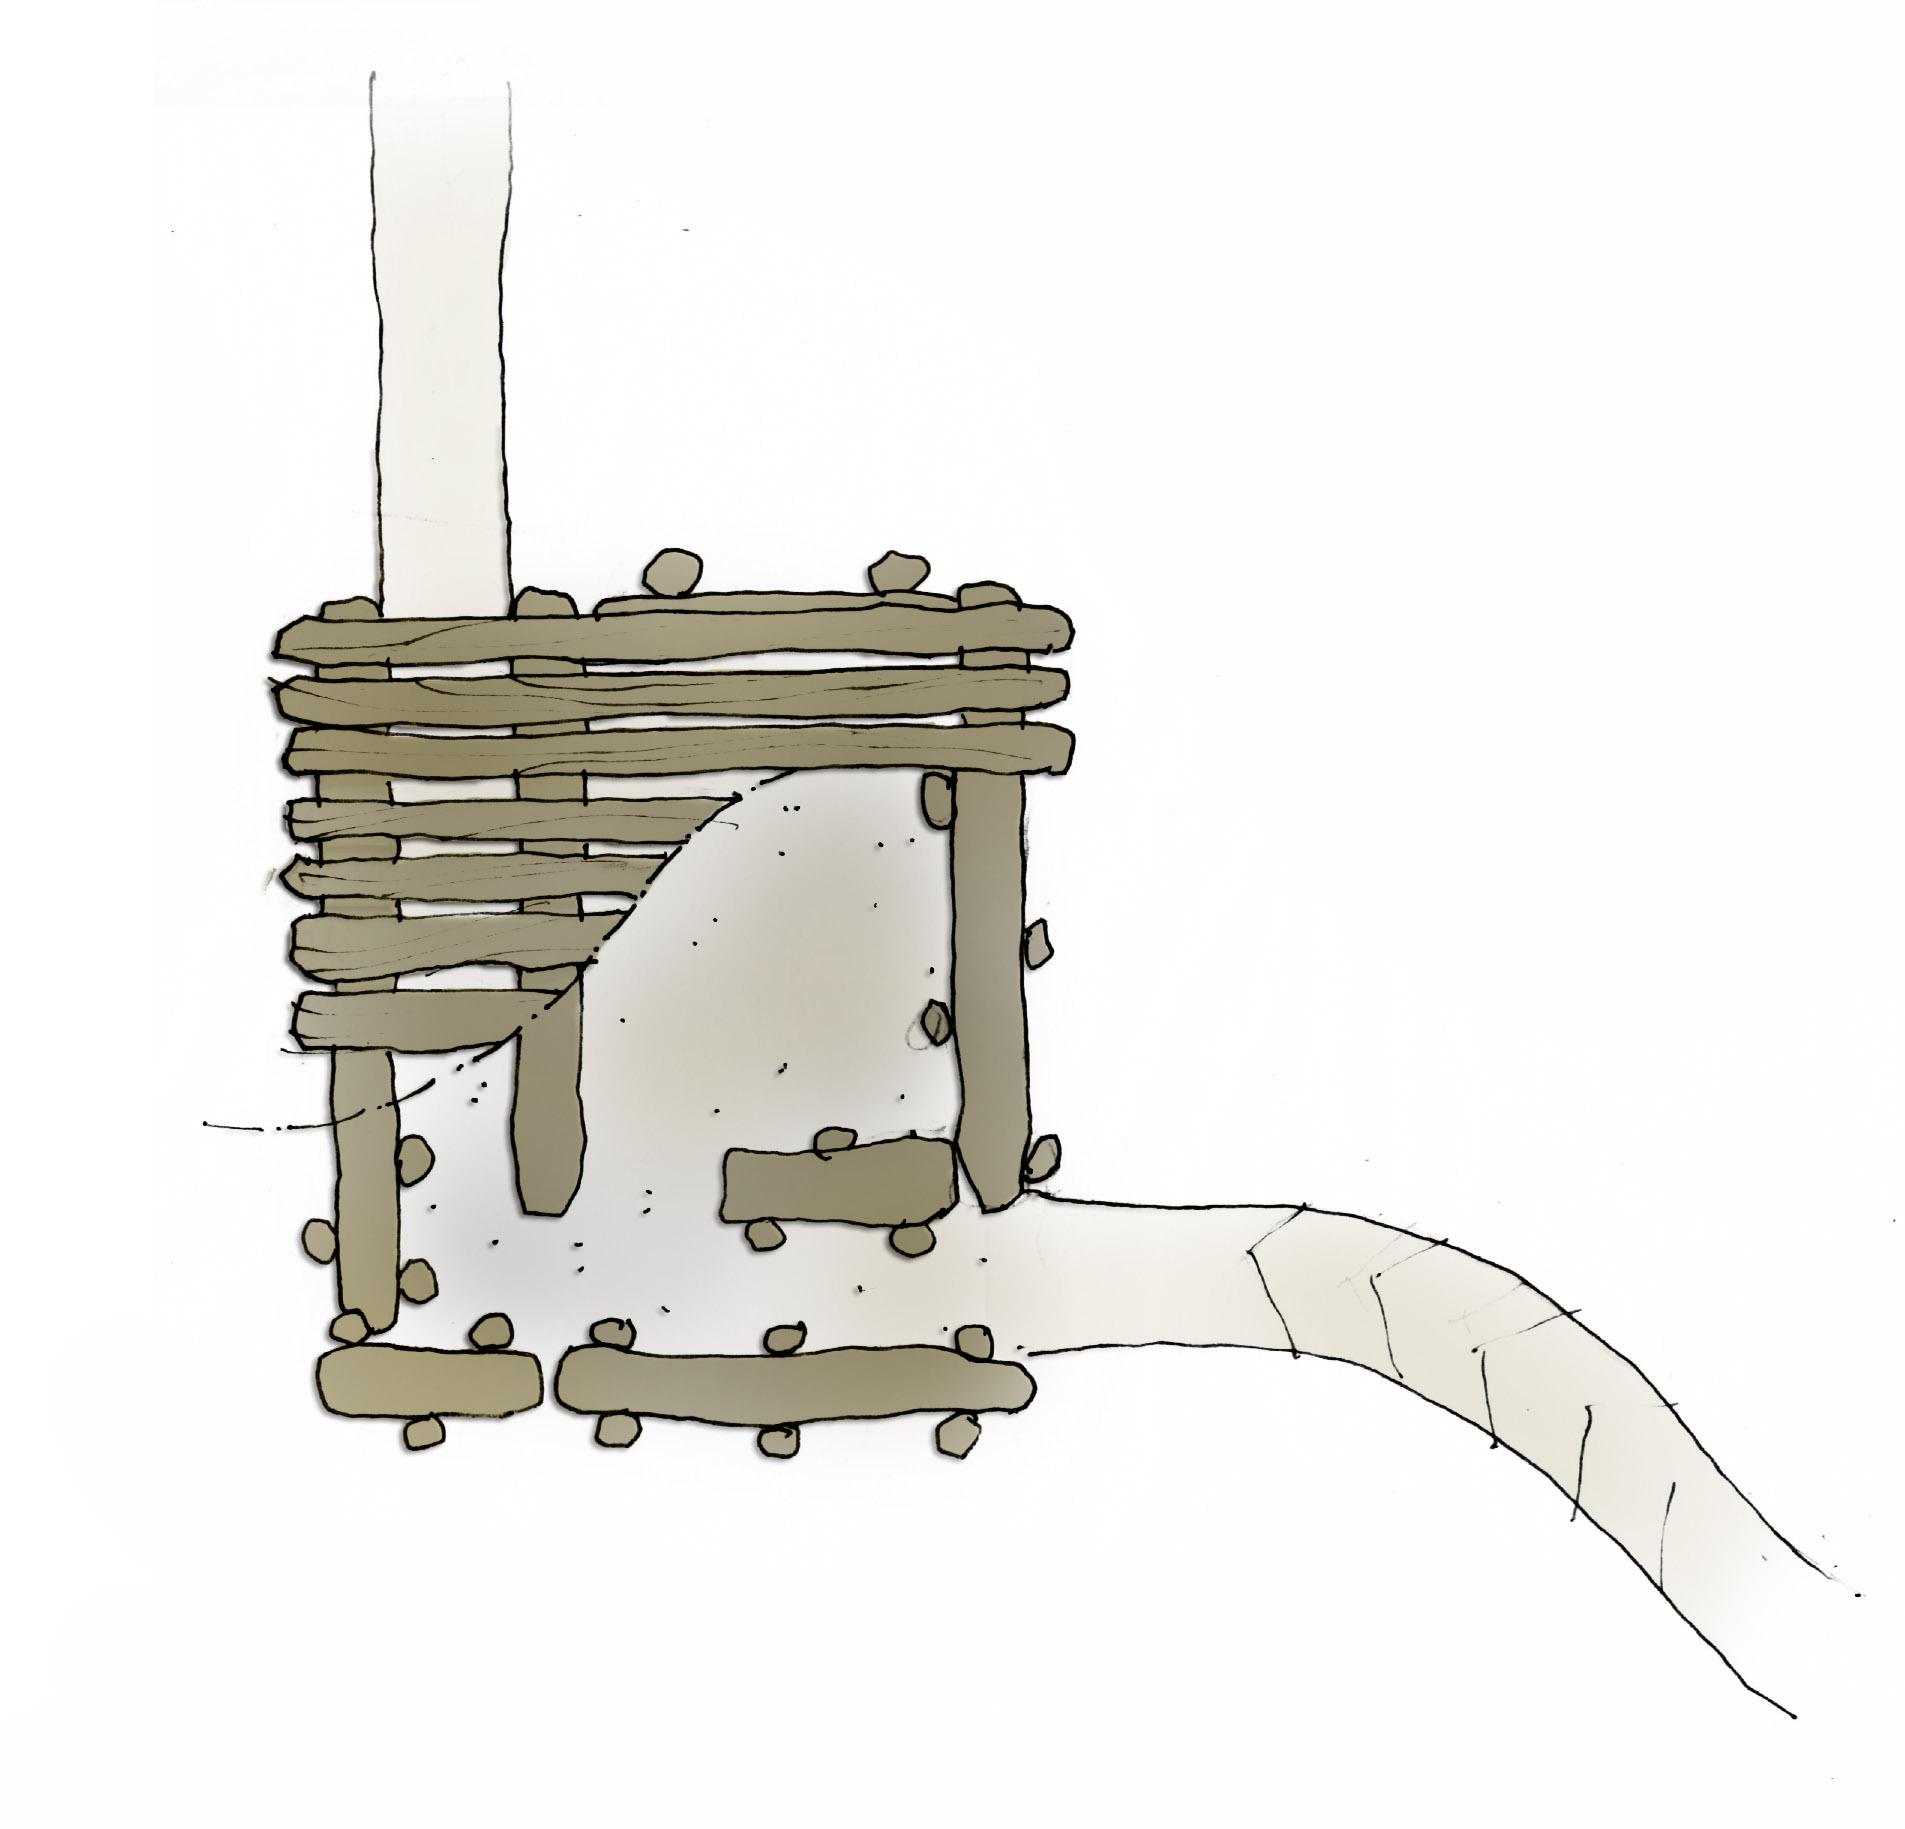 Otter Holt Sketch Plan